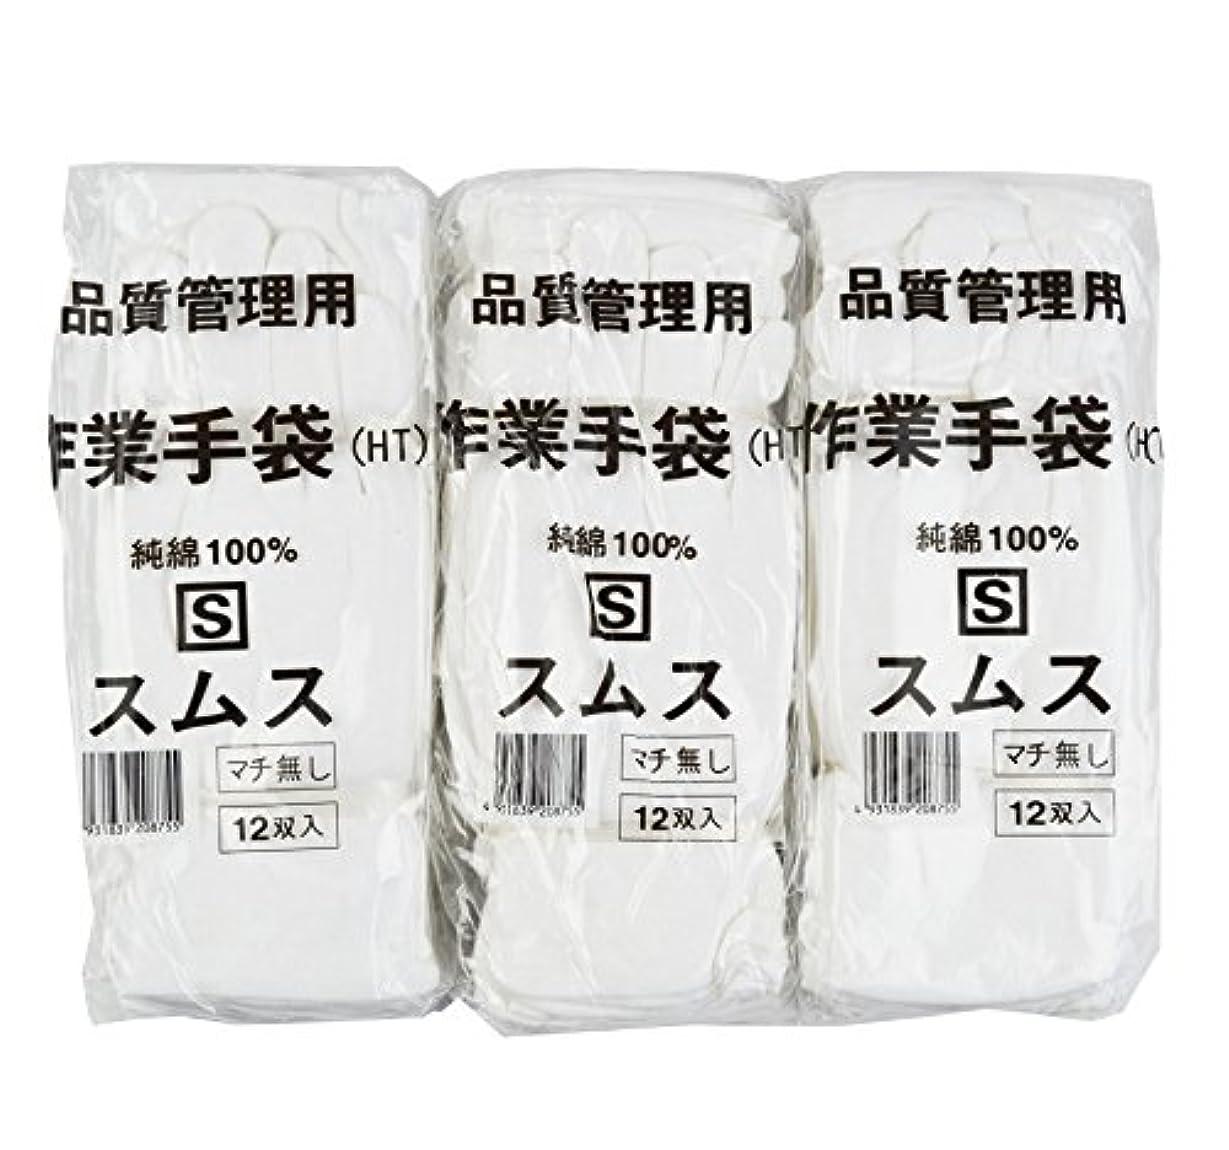 バルク遊具不安【お得なセット売り】 (36双) 純綿100% スムス 手袋 Sサイズ 12双×3袋セット 女性に最適 多用途 101114